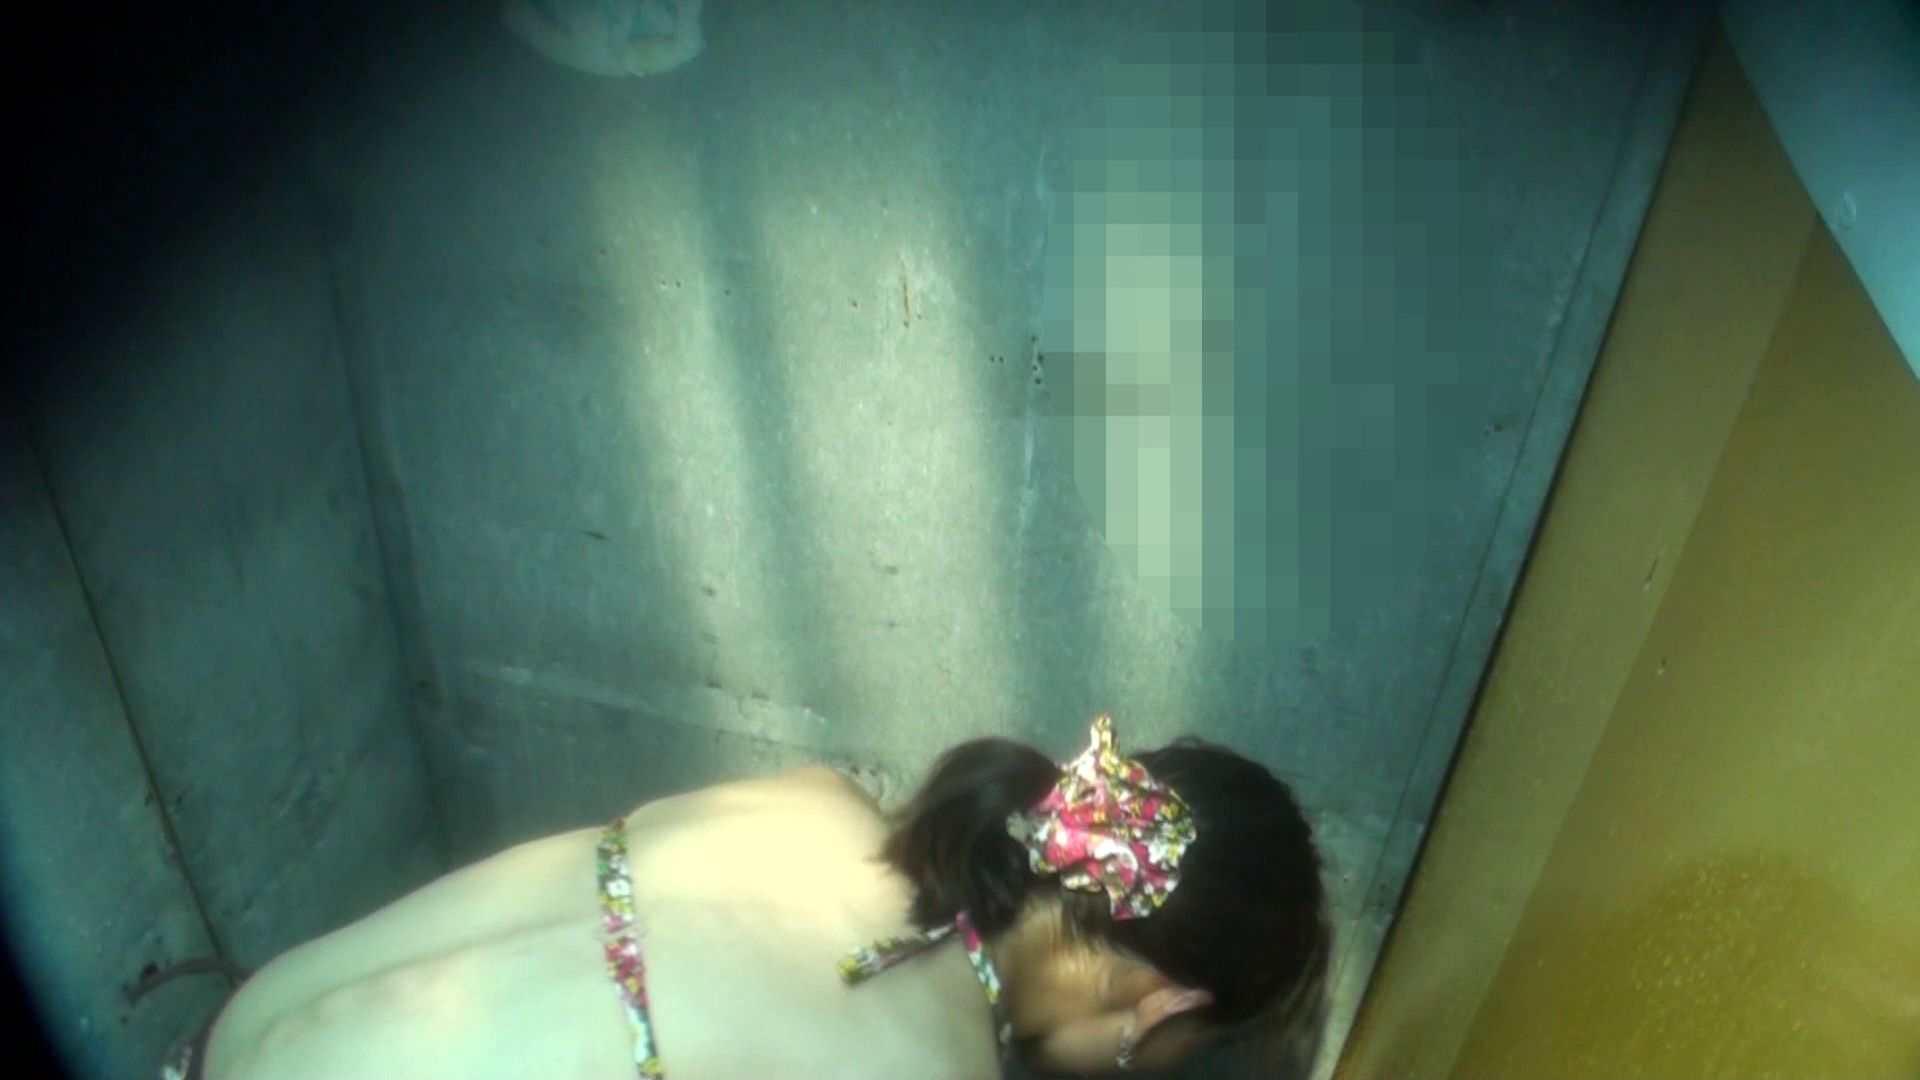 シャワールームは超!!危険な香りVol.16 意外に乳首は年増のそれ 高画質 のぞき濡れ場動画紹介 61pic 47